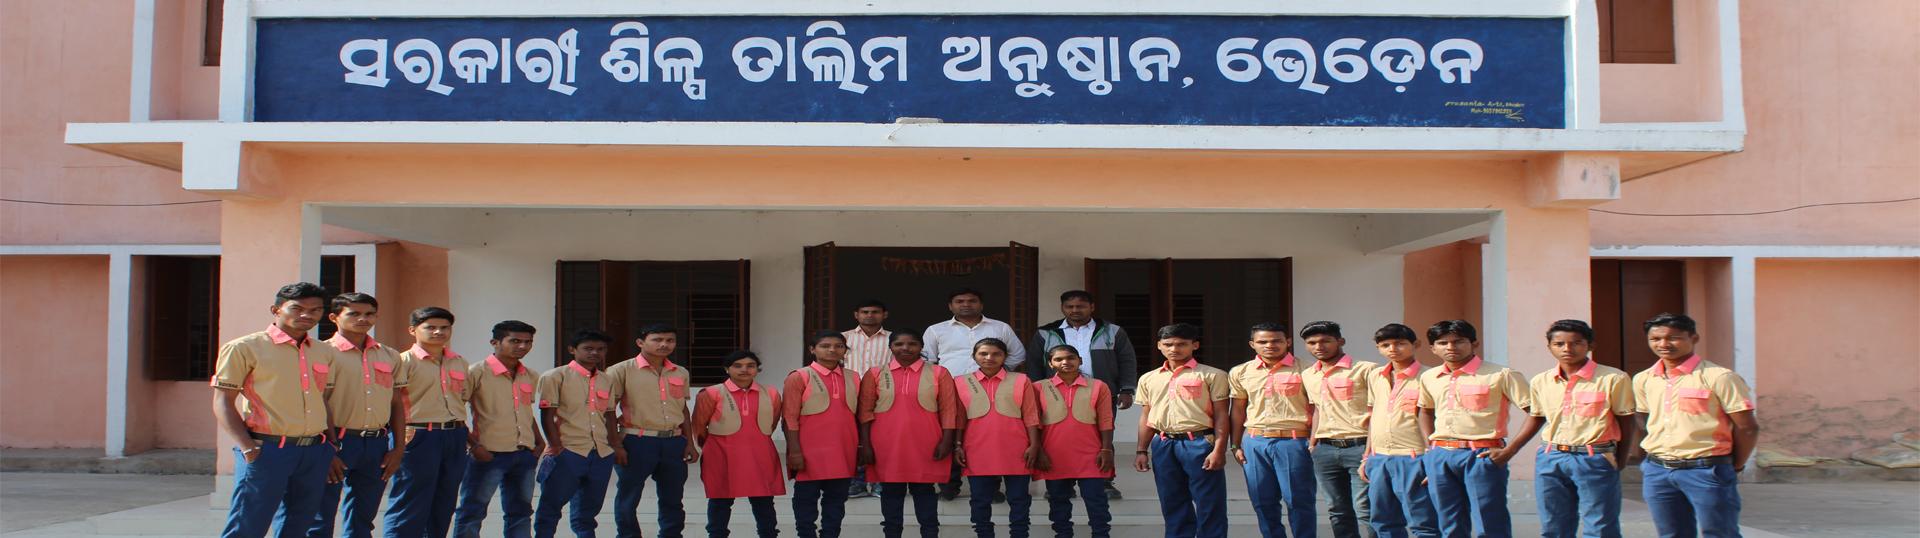 ITI,Bheden,Bargarh,Odisha